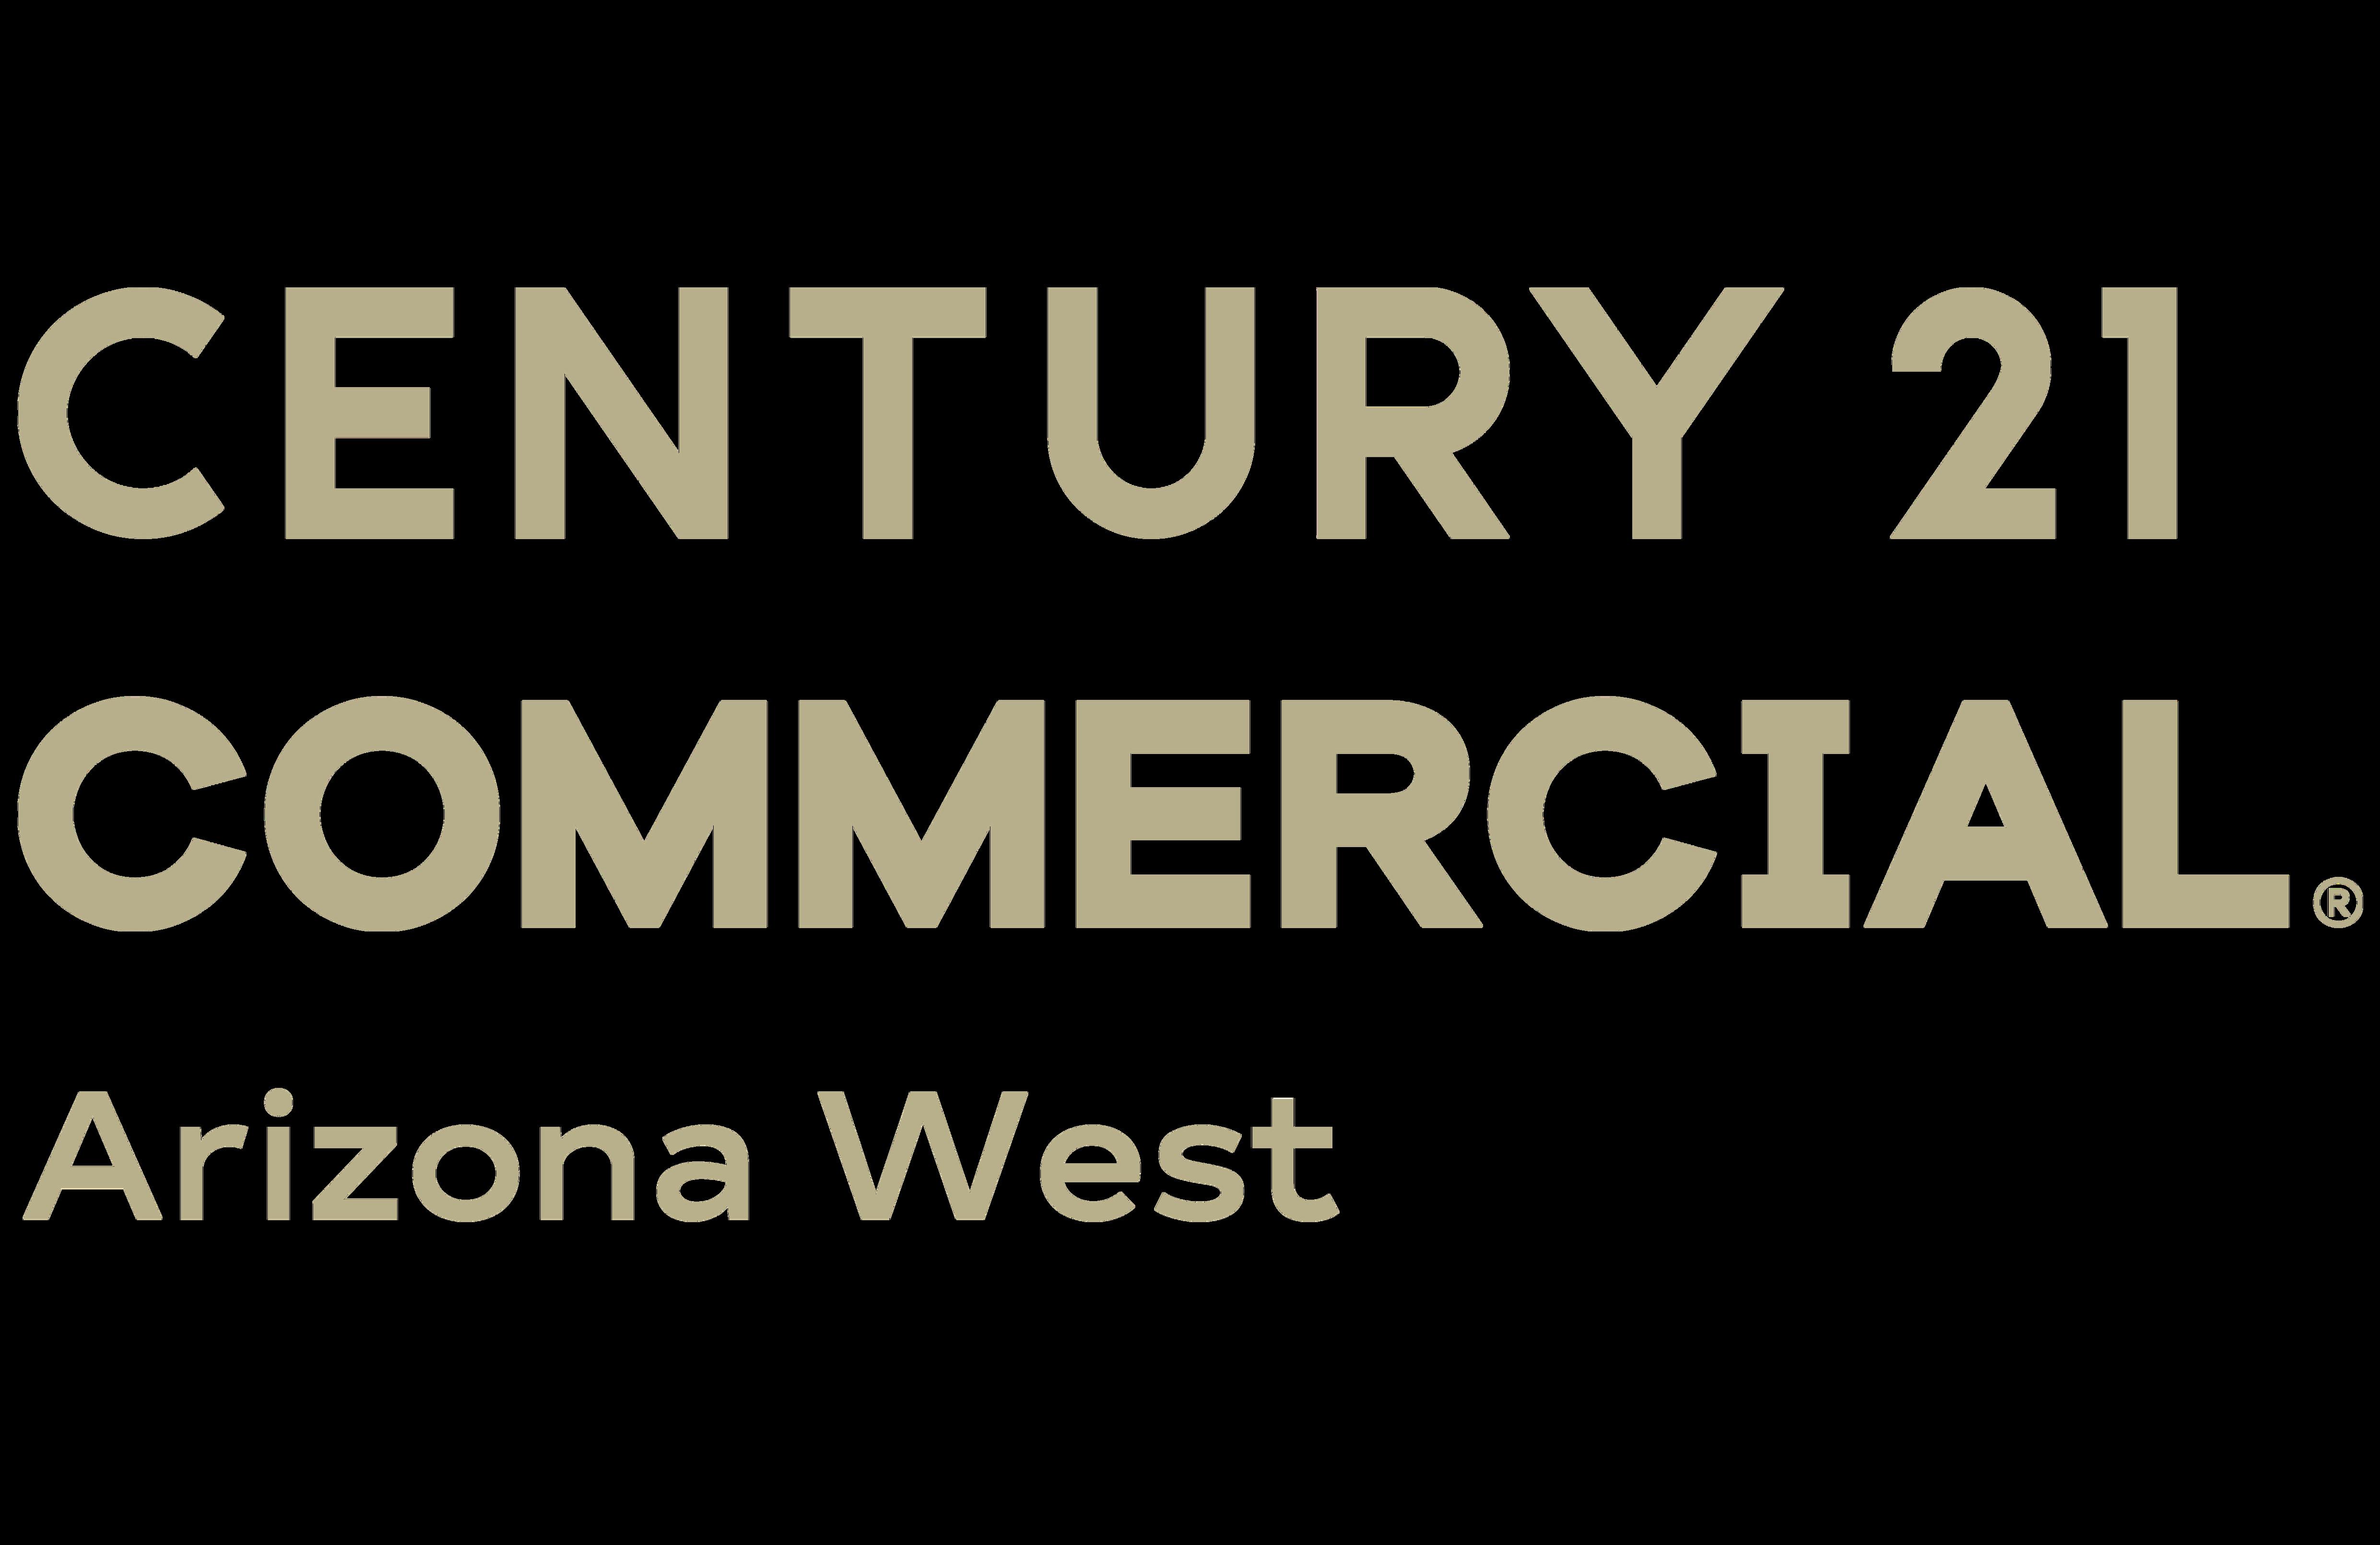 Ben Ruoti Jr. of CENTURY 21 Arizona West logo